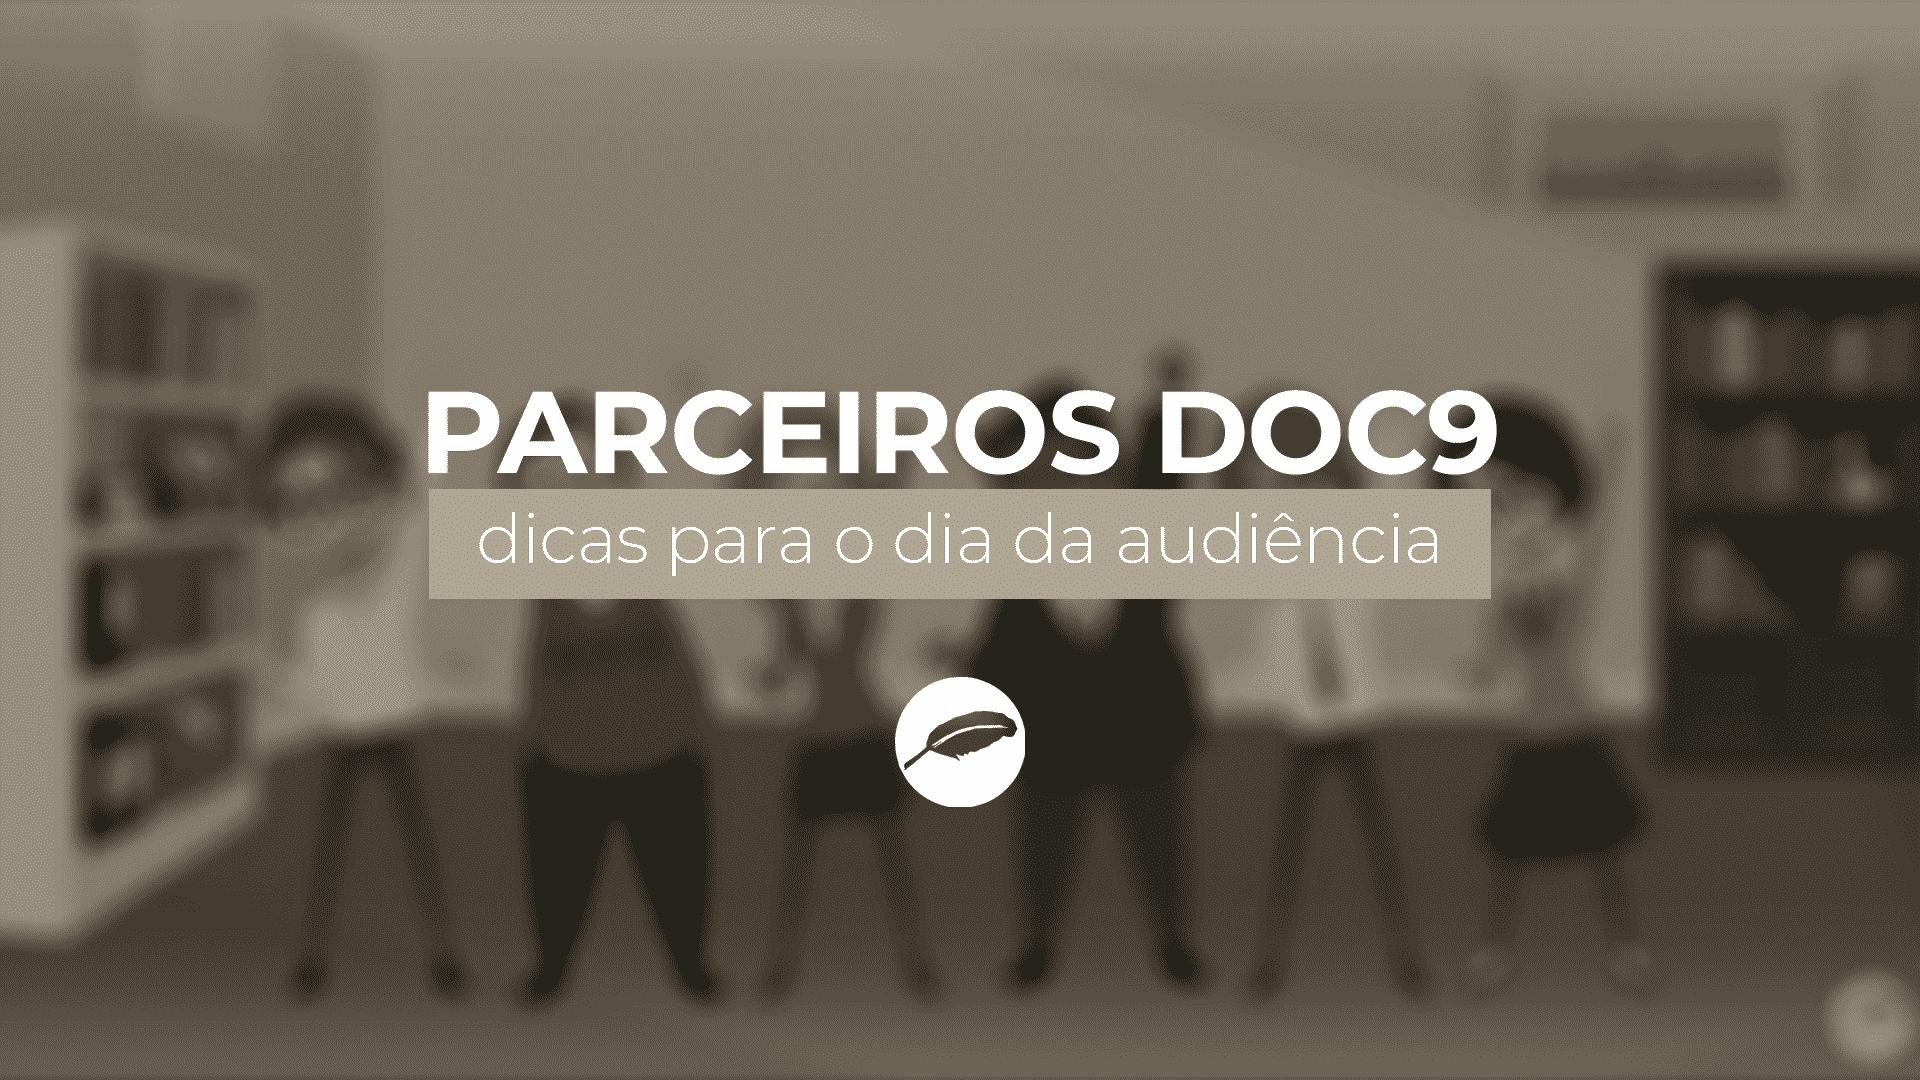 Dicas para o Dia da Audiência - Correspondente Jurídico DOC9 - Serviços Forenses